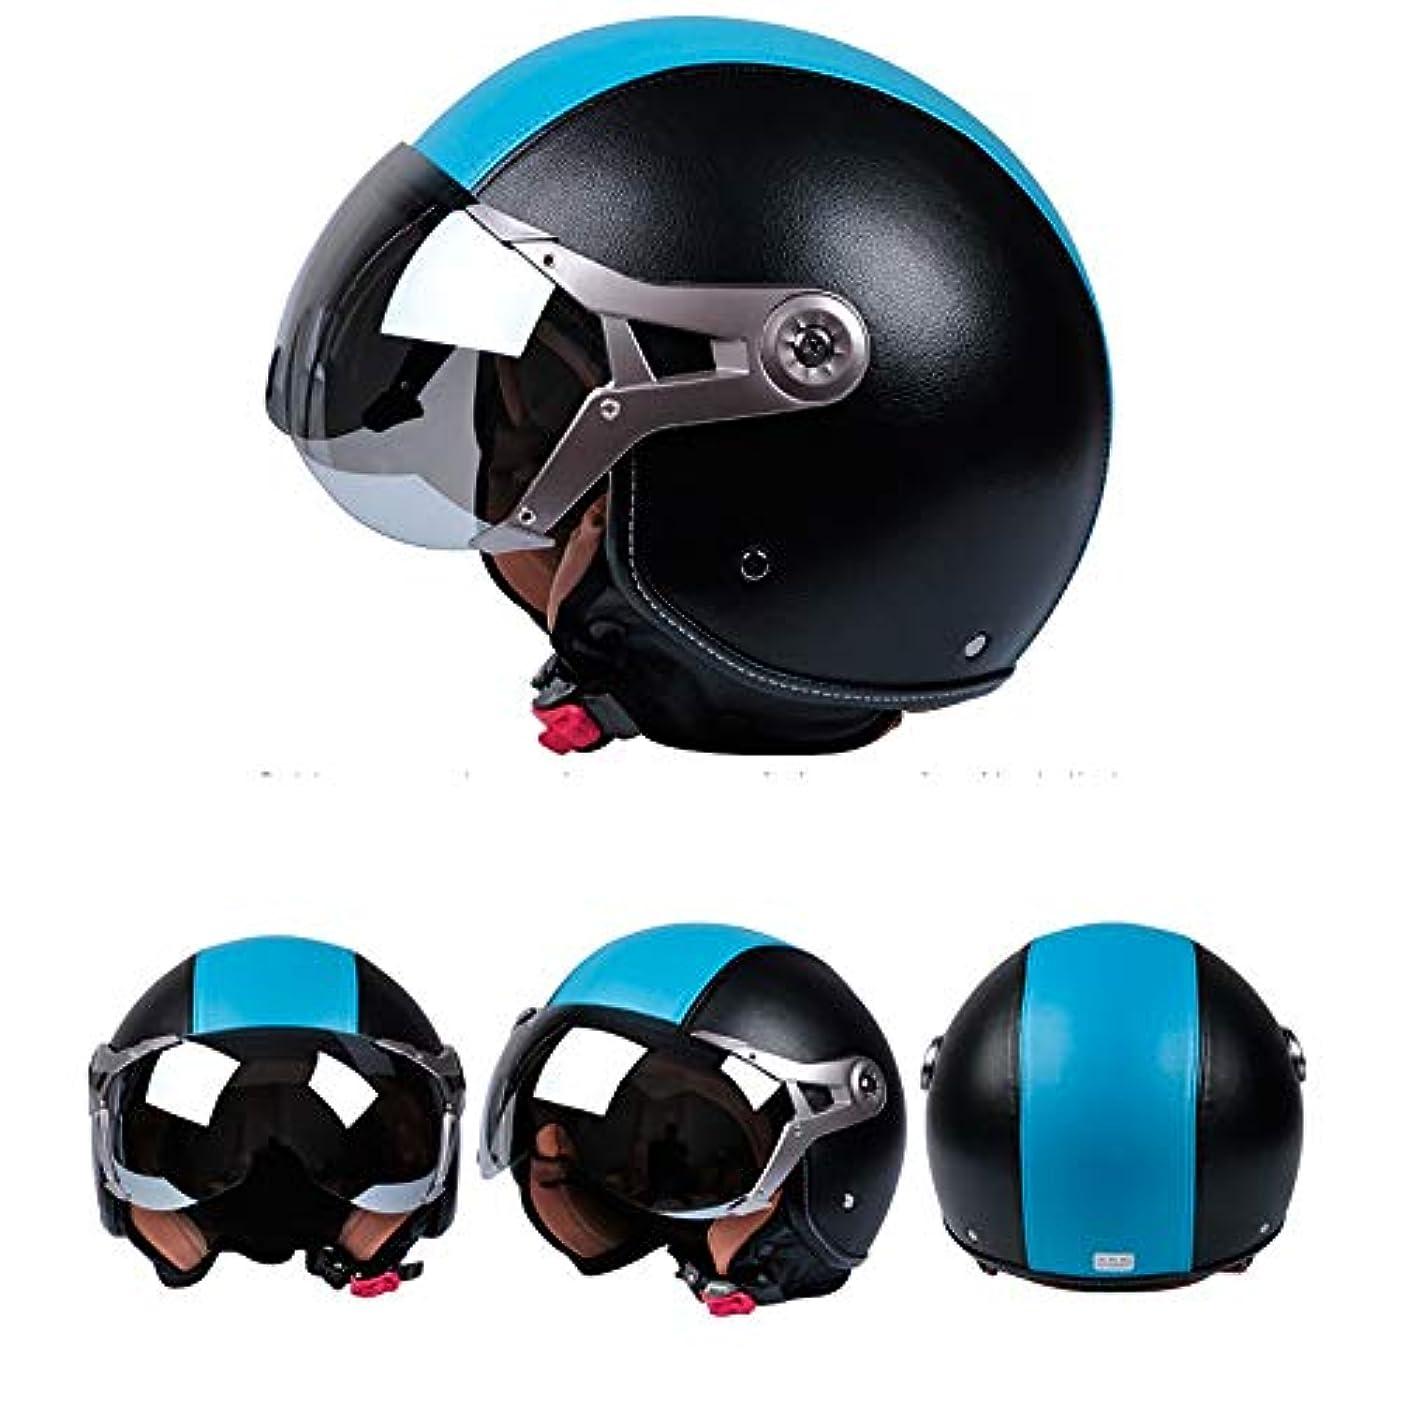 枢機卿削減特殊HYH ブラックホワイトレッドブルーシェルPU ABSプラスチック人格ヴィンテージハーレーハーフヘルメットオートバイ車自転車ヘルメット いい人生 (Color : Blue, Size : XL)